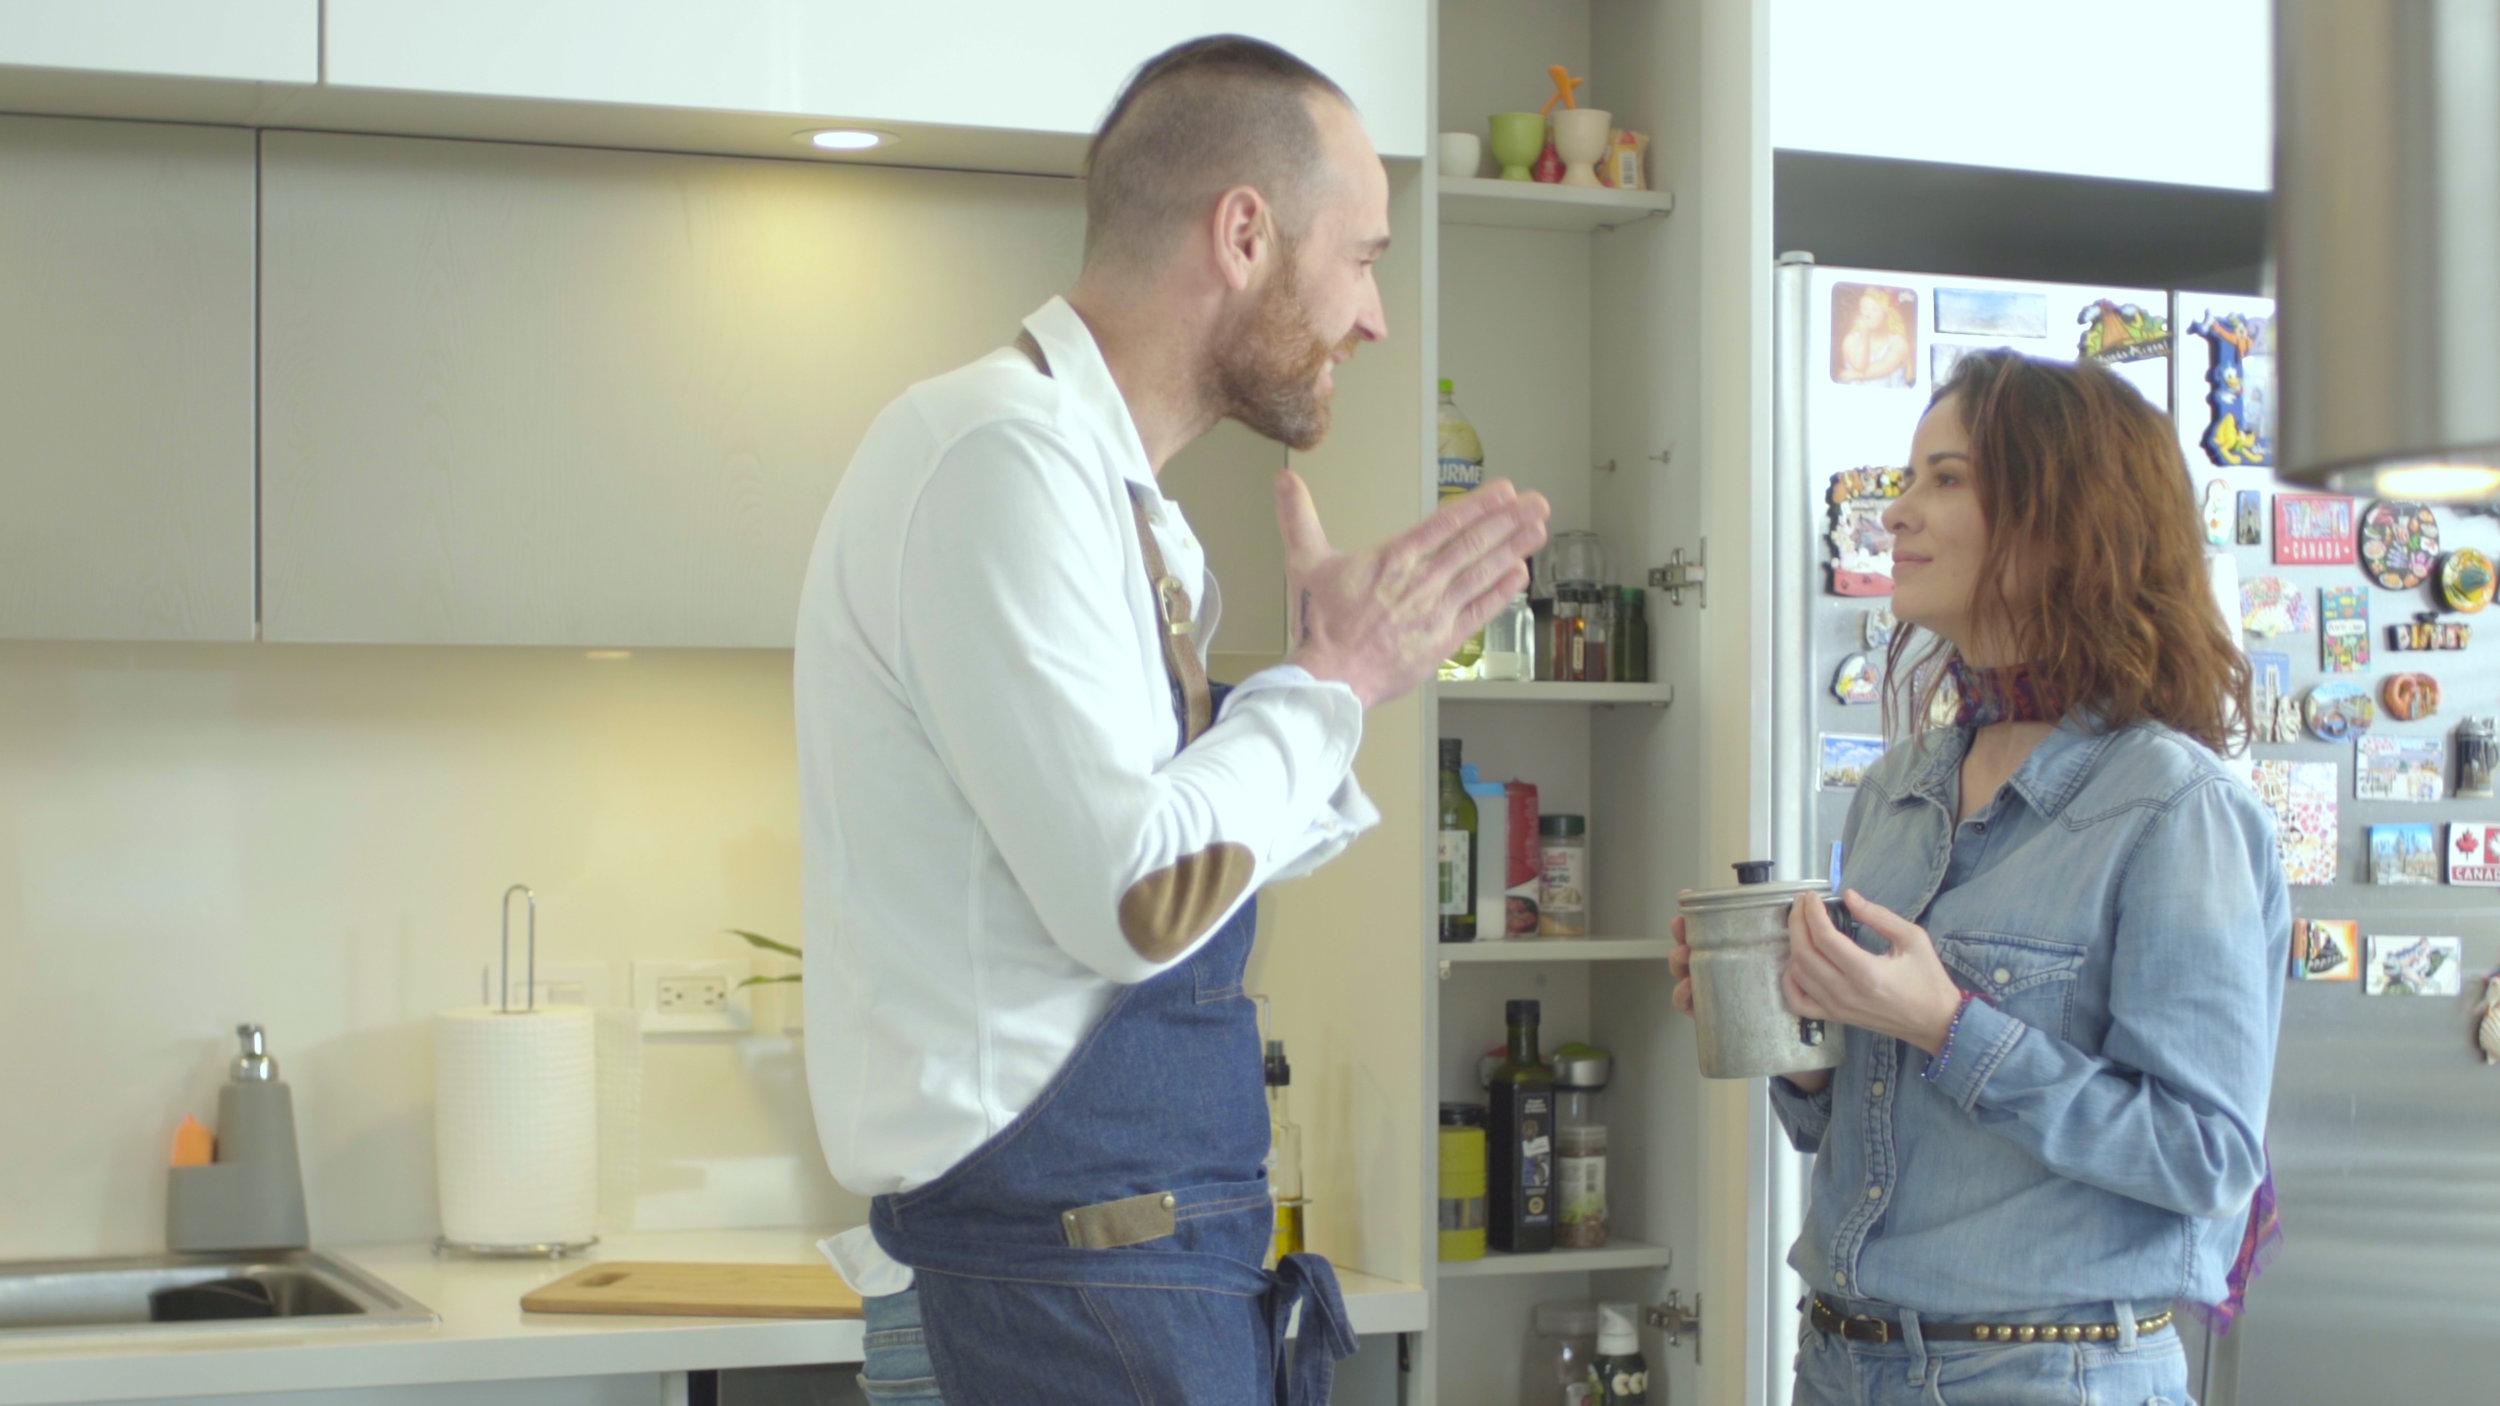 ¿Qué le enseña Koldo a sus amigas? - Conoce a Koldo Miranda, chef ganador de una estrella Michelin. En esta oportunidad visitará a sus amigas y, durante varios días, les enseñará diferentes recetas para obtener fritos limpios, secos y crocantes.